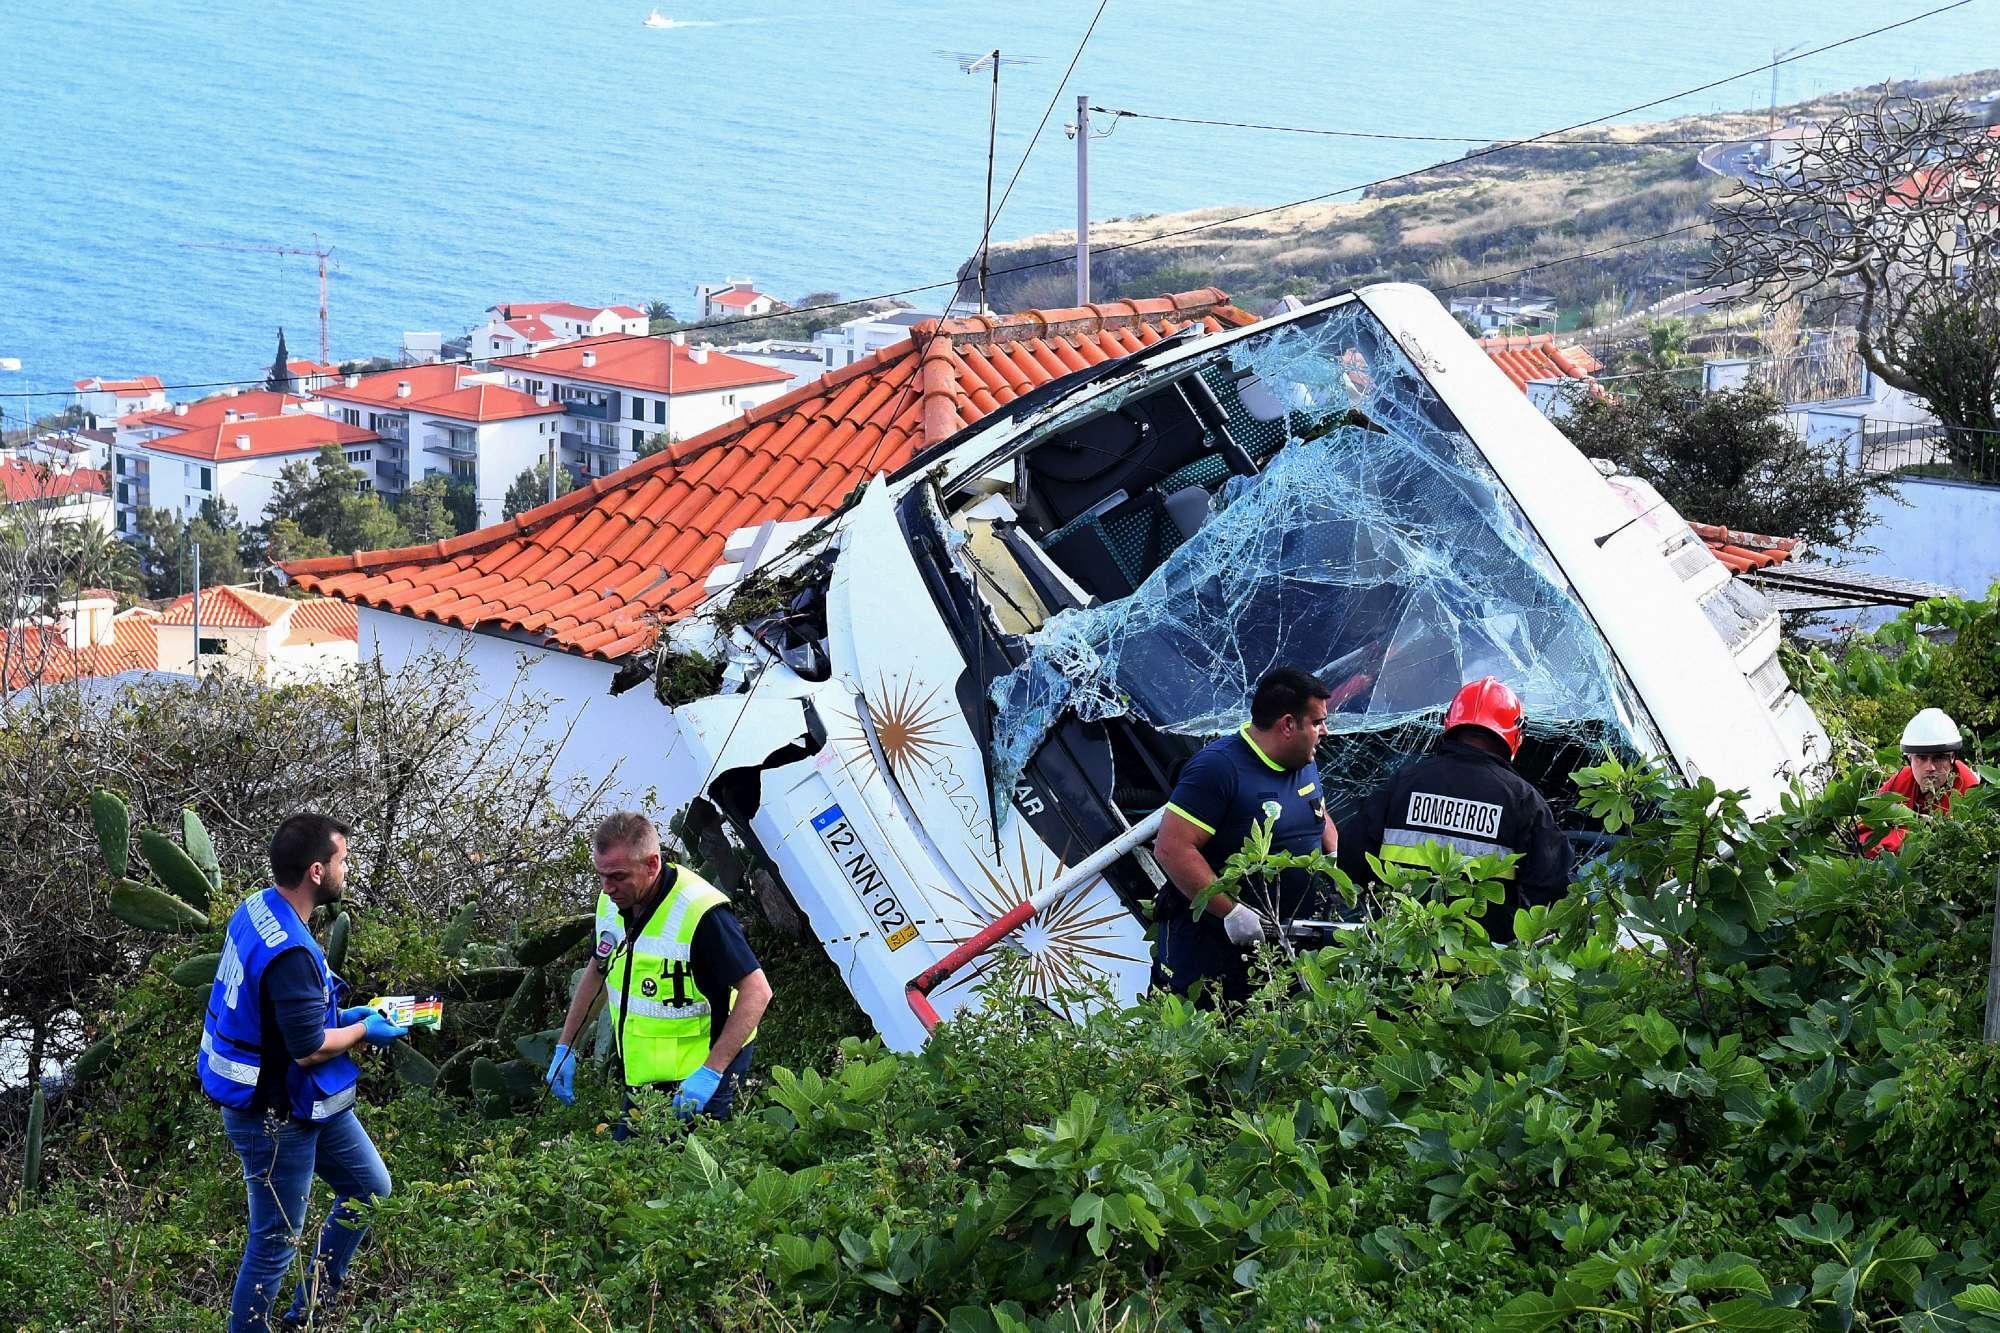 Portogallo, bus turistico in una scarpata a Madeira